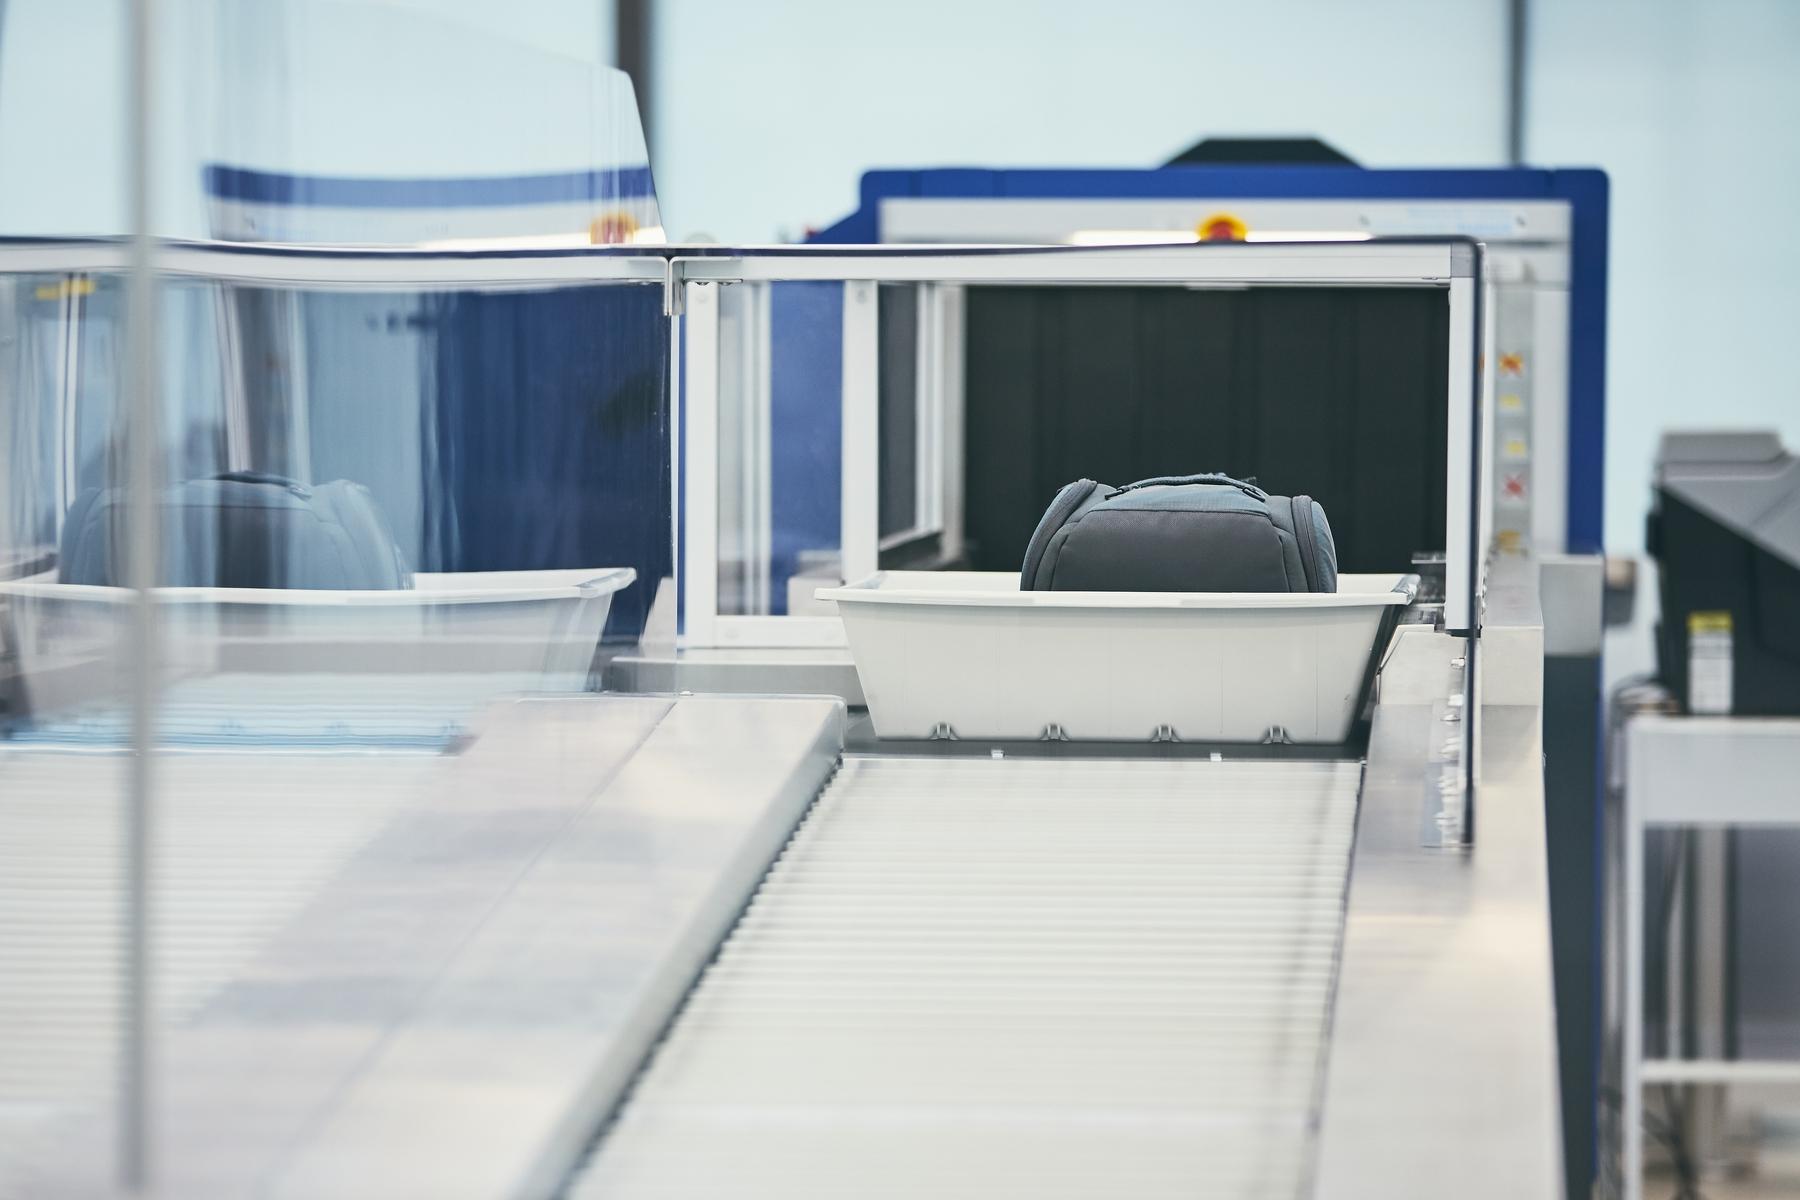 Чемоданы и остальной багаж тоже может подвергаться глубокой дезинфекции по новым правилам.